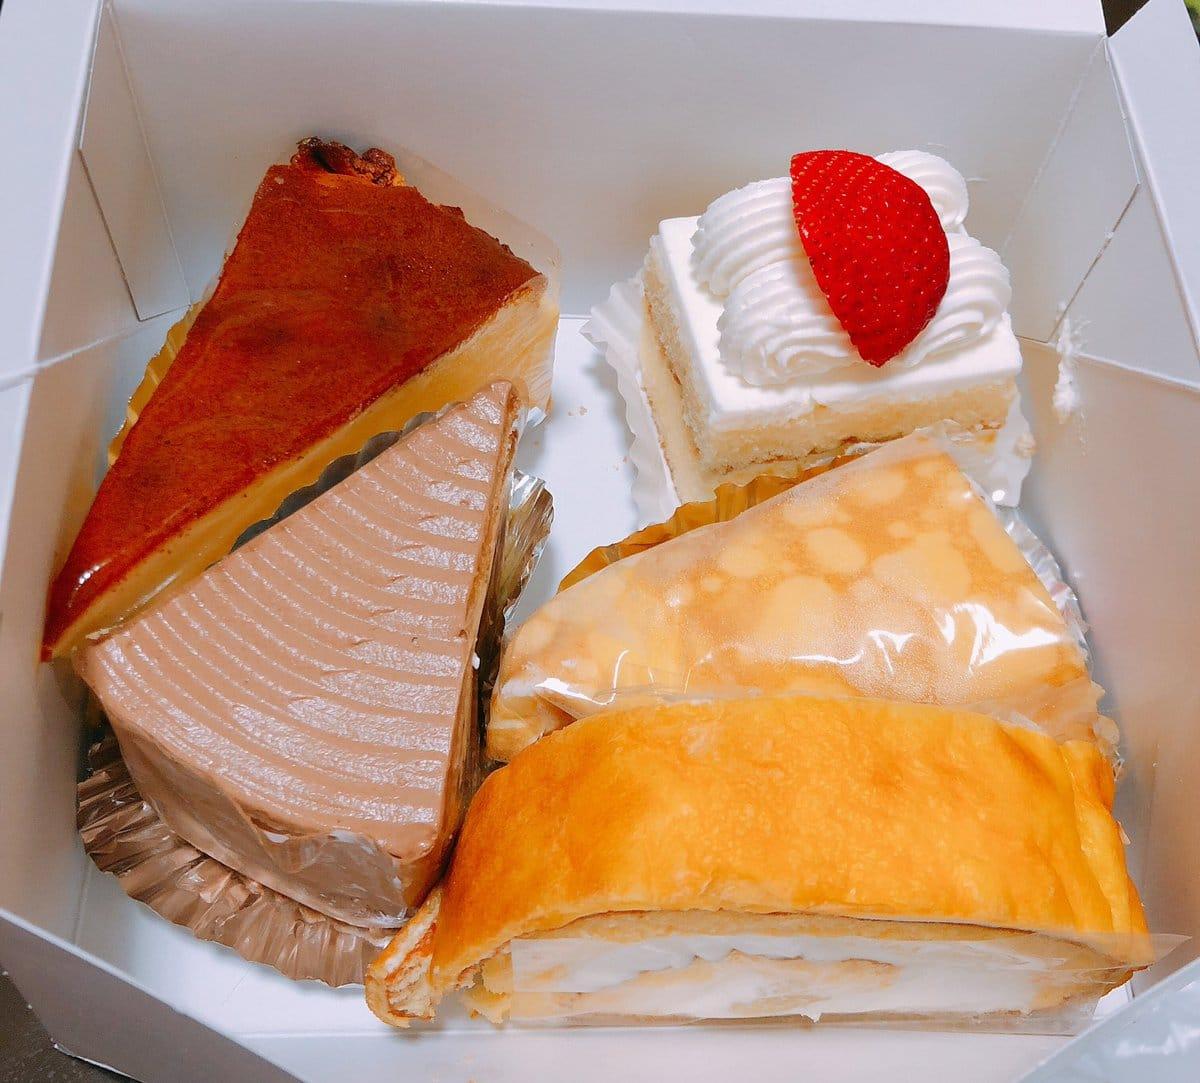 「チーズケーキにしたよん!」07/08(07/08) 19:20 | はんだ りのあの写メ・風俗動画